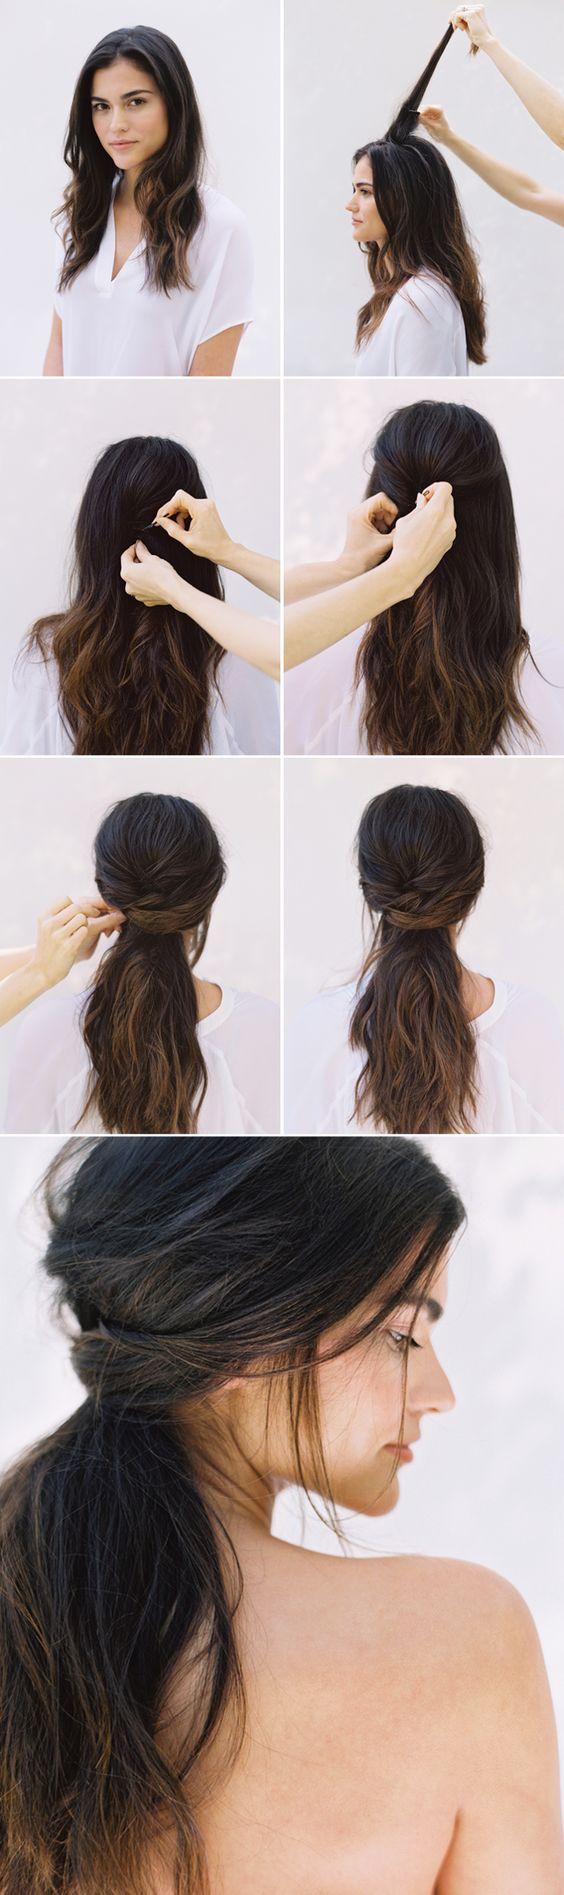 Peinados boho que tienes que intentar ya boho hairstyles boho